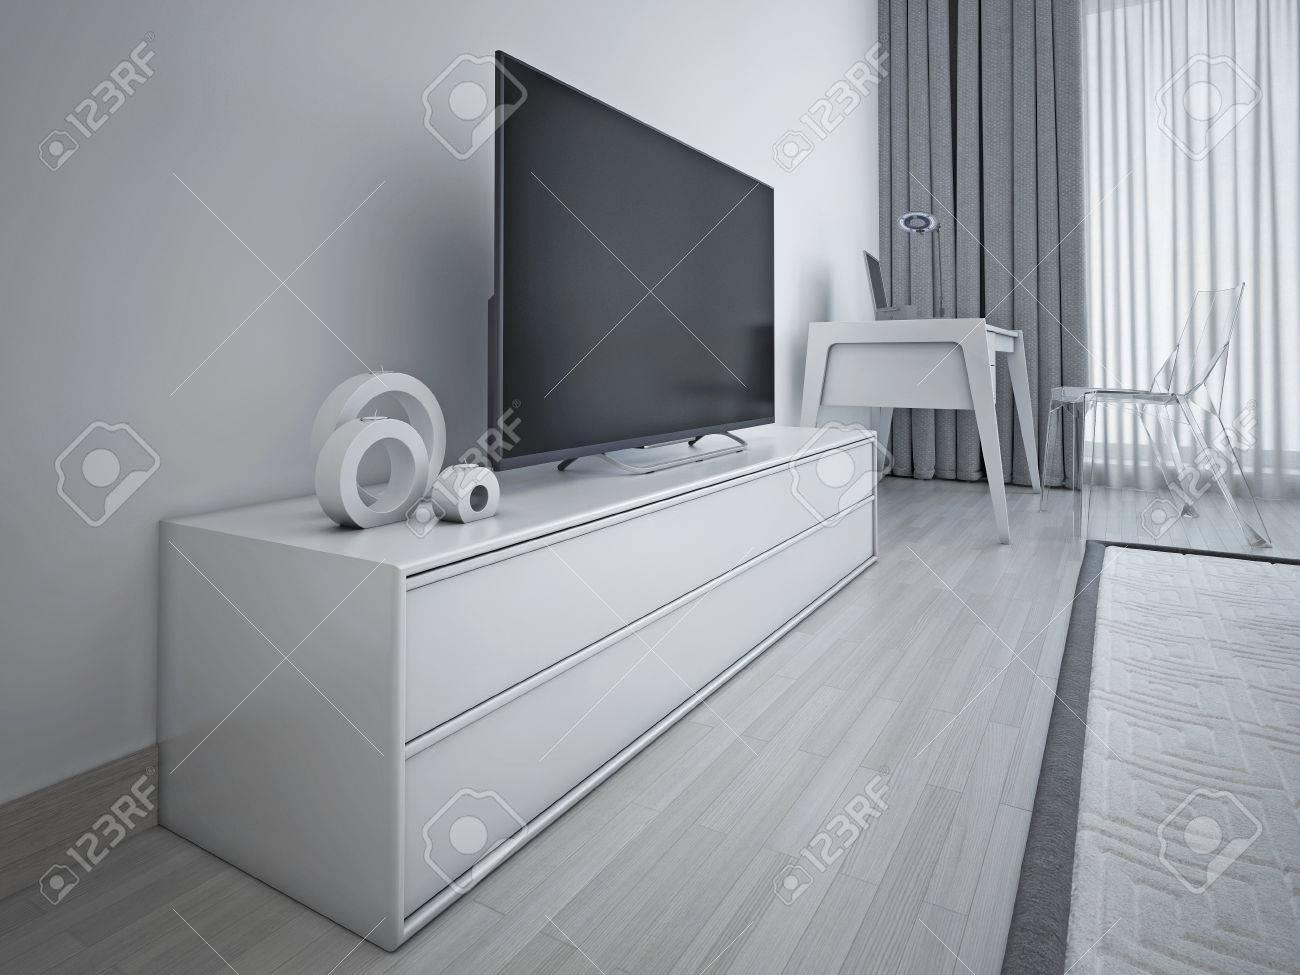 Design Moderno Camera Da Letto. Grigio Chiaro Con Metall Accento ...